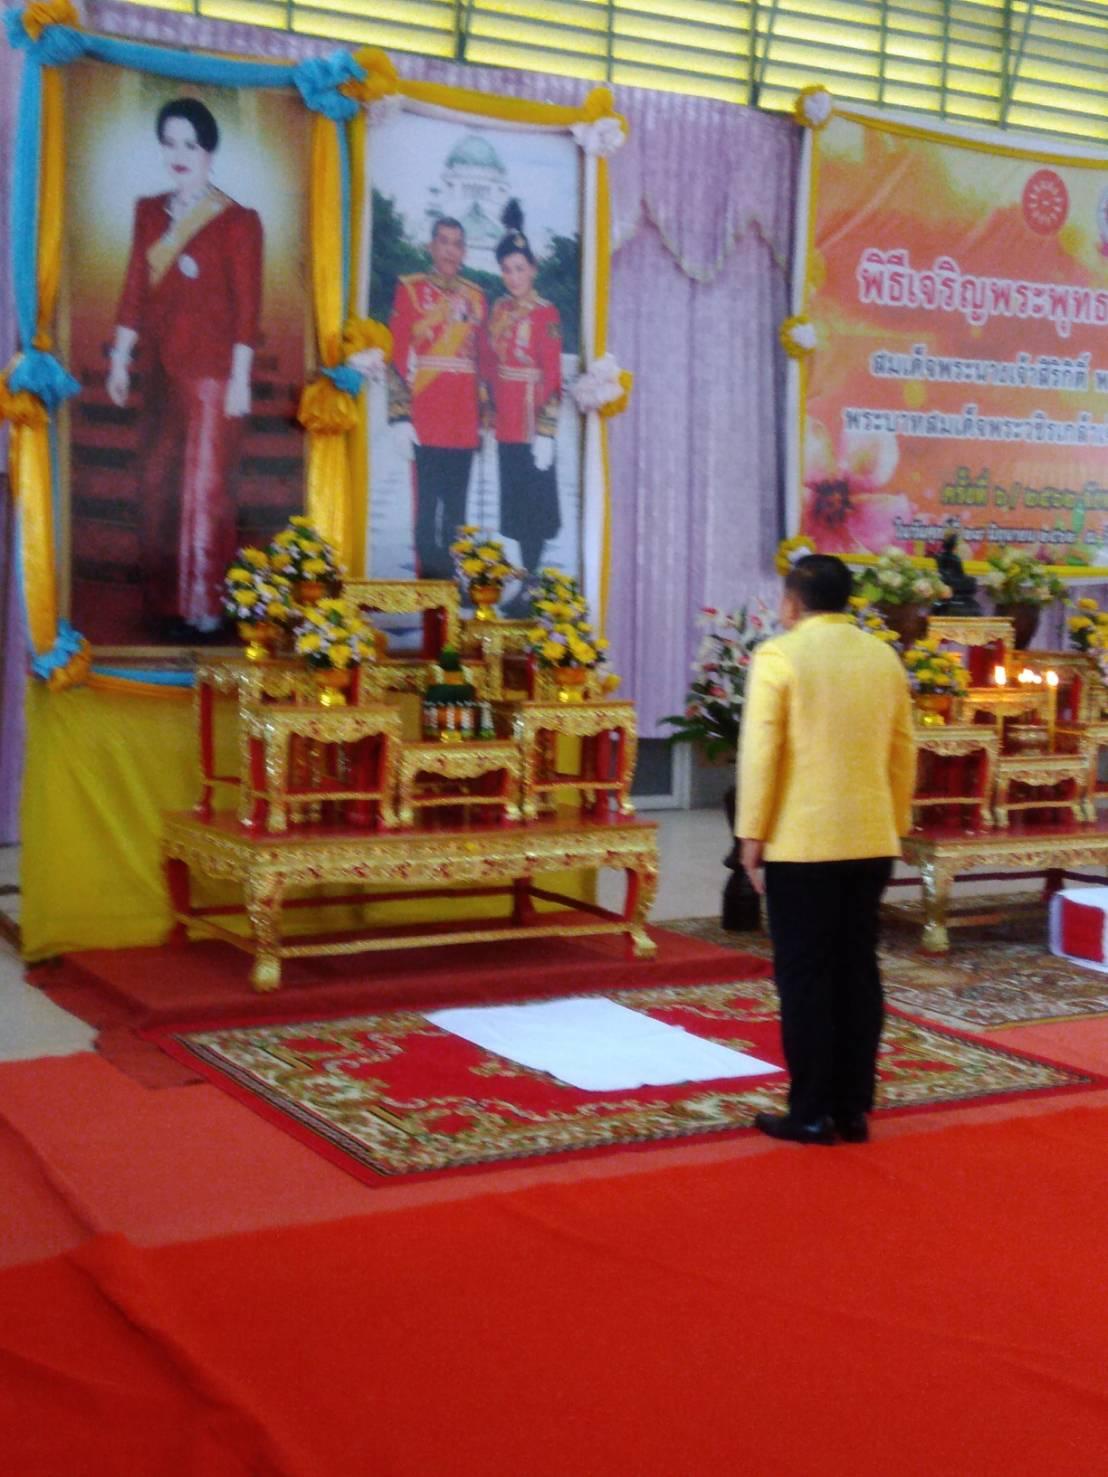 พิธีเจริญพระพุทธมนต์ถวายพระพรชัยมงคลแด่ สมเด็จพระเจ้าอยู่หัวฯ